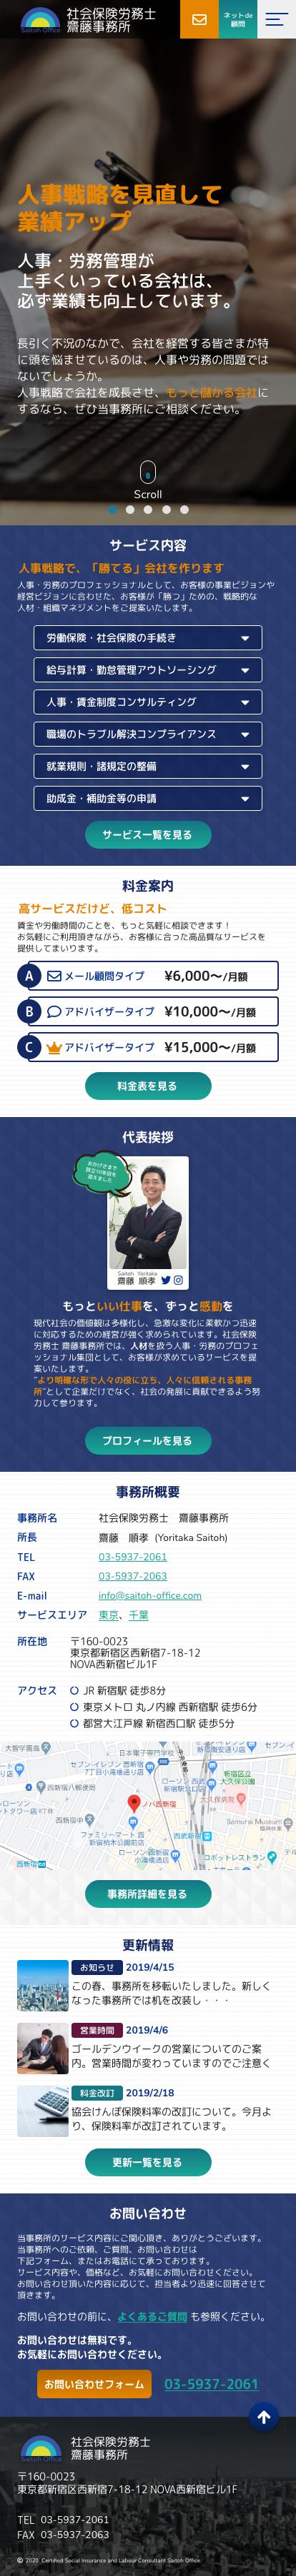 齋藤事務所SPトップページデザイン